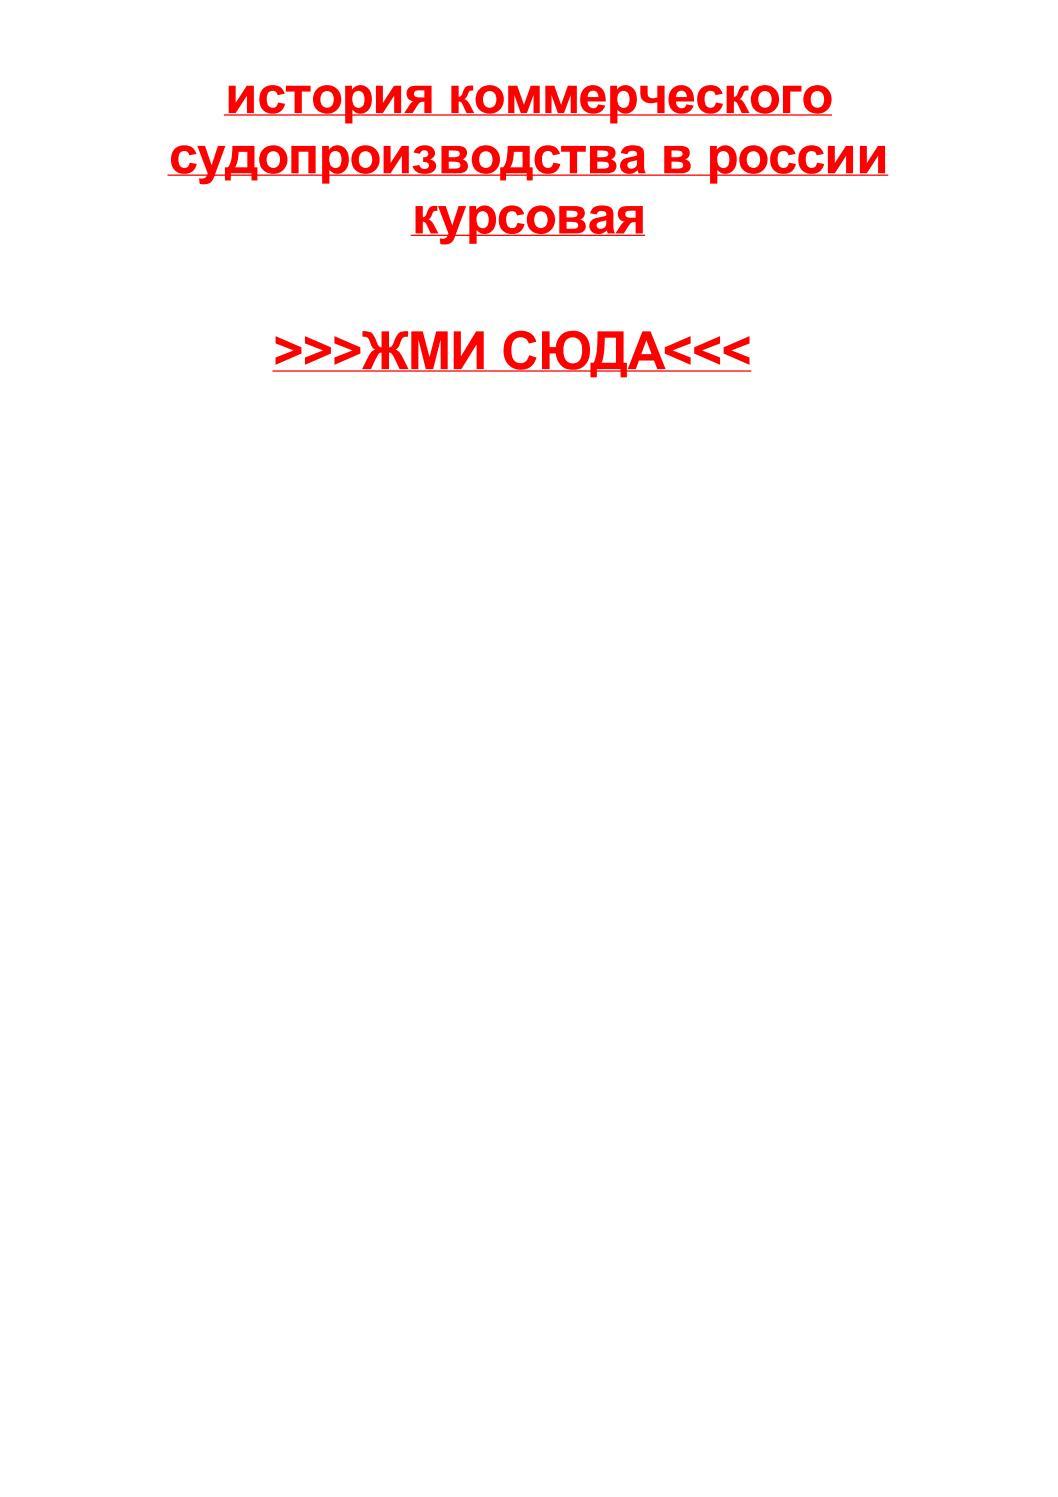 История коммерческого судопроизводства в россии реферат 6763